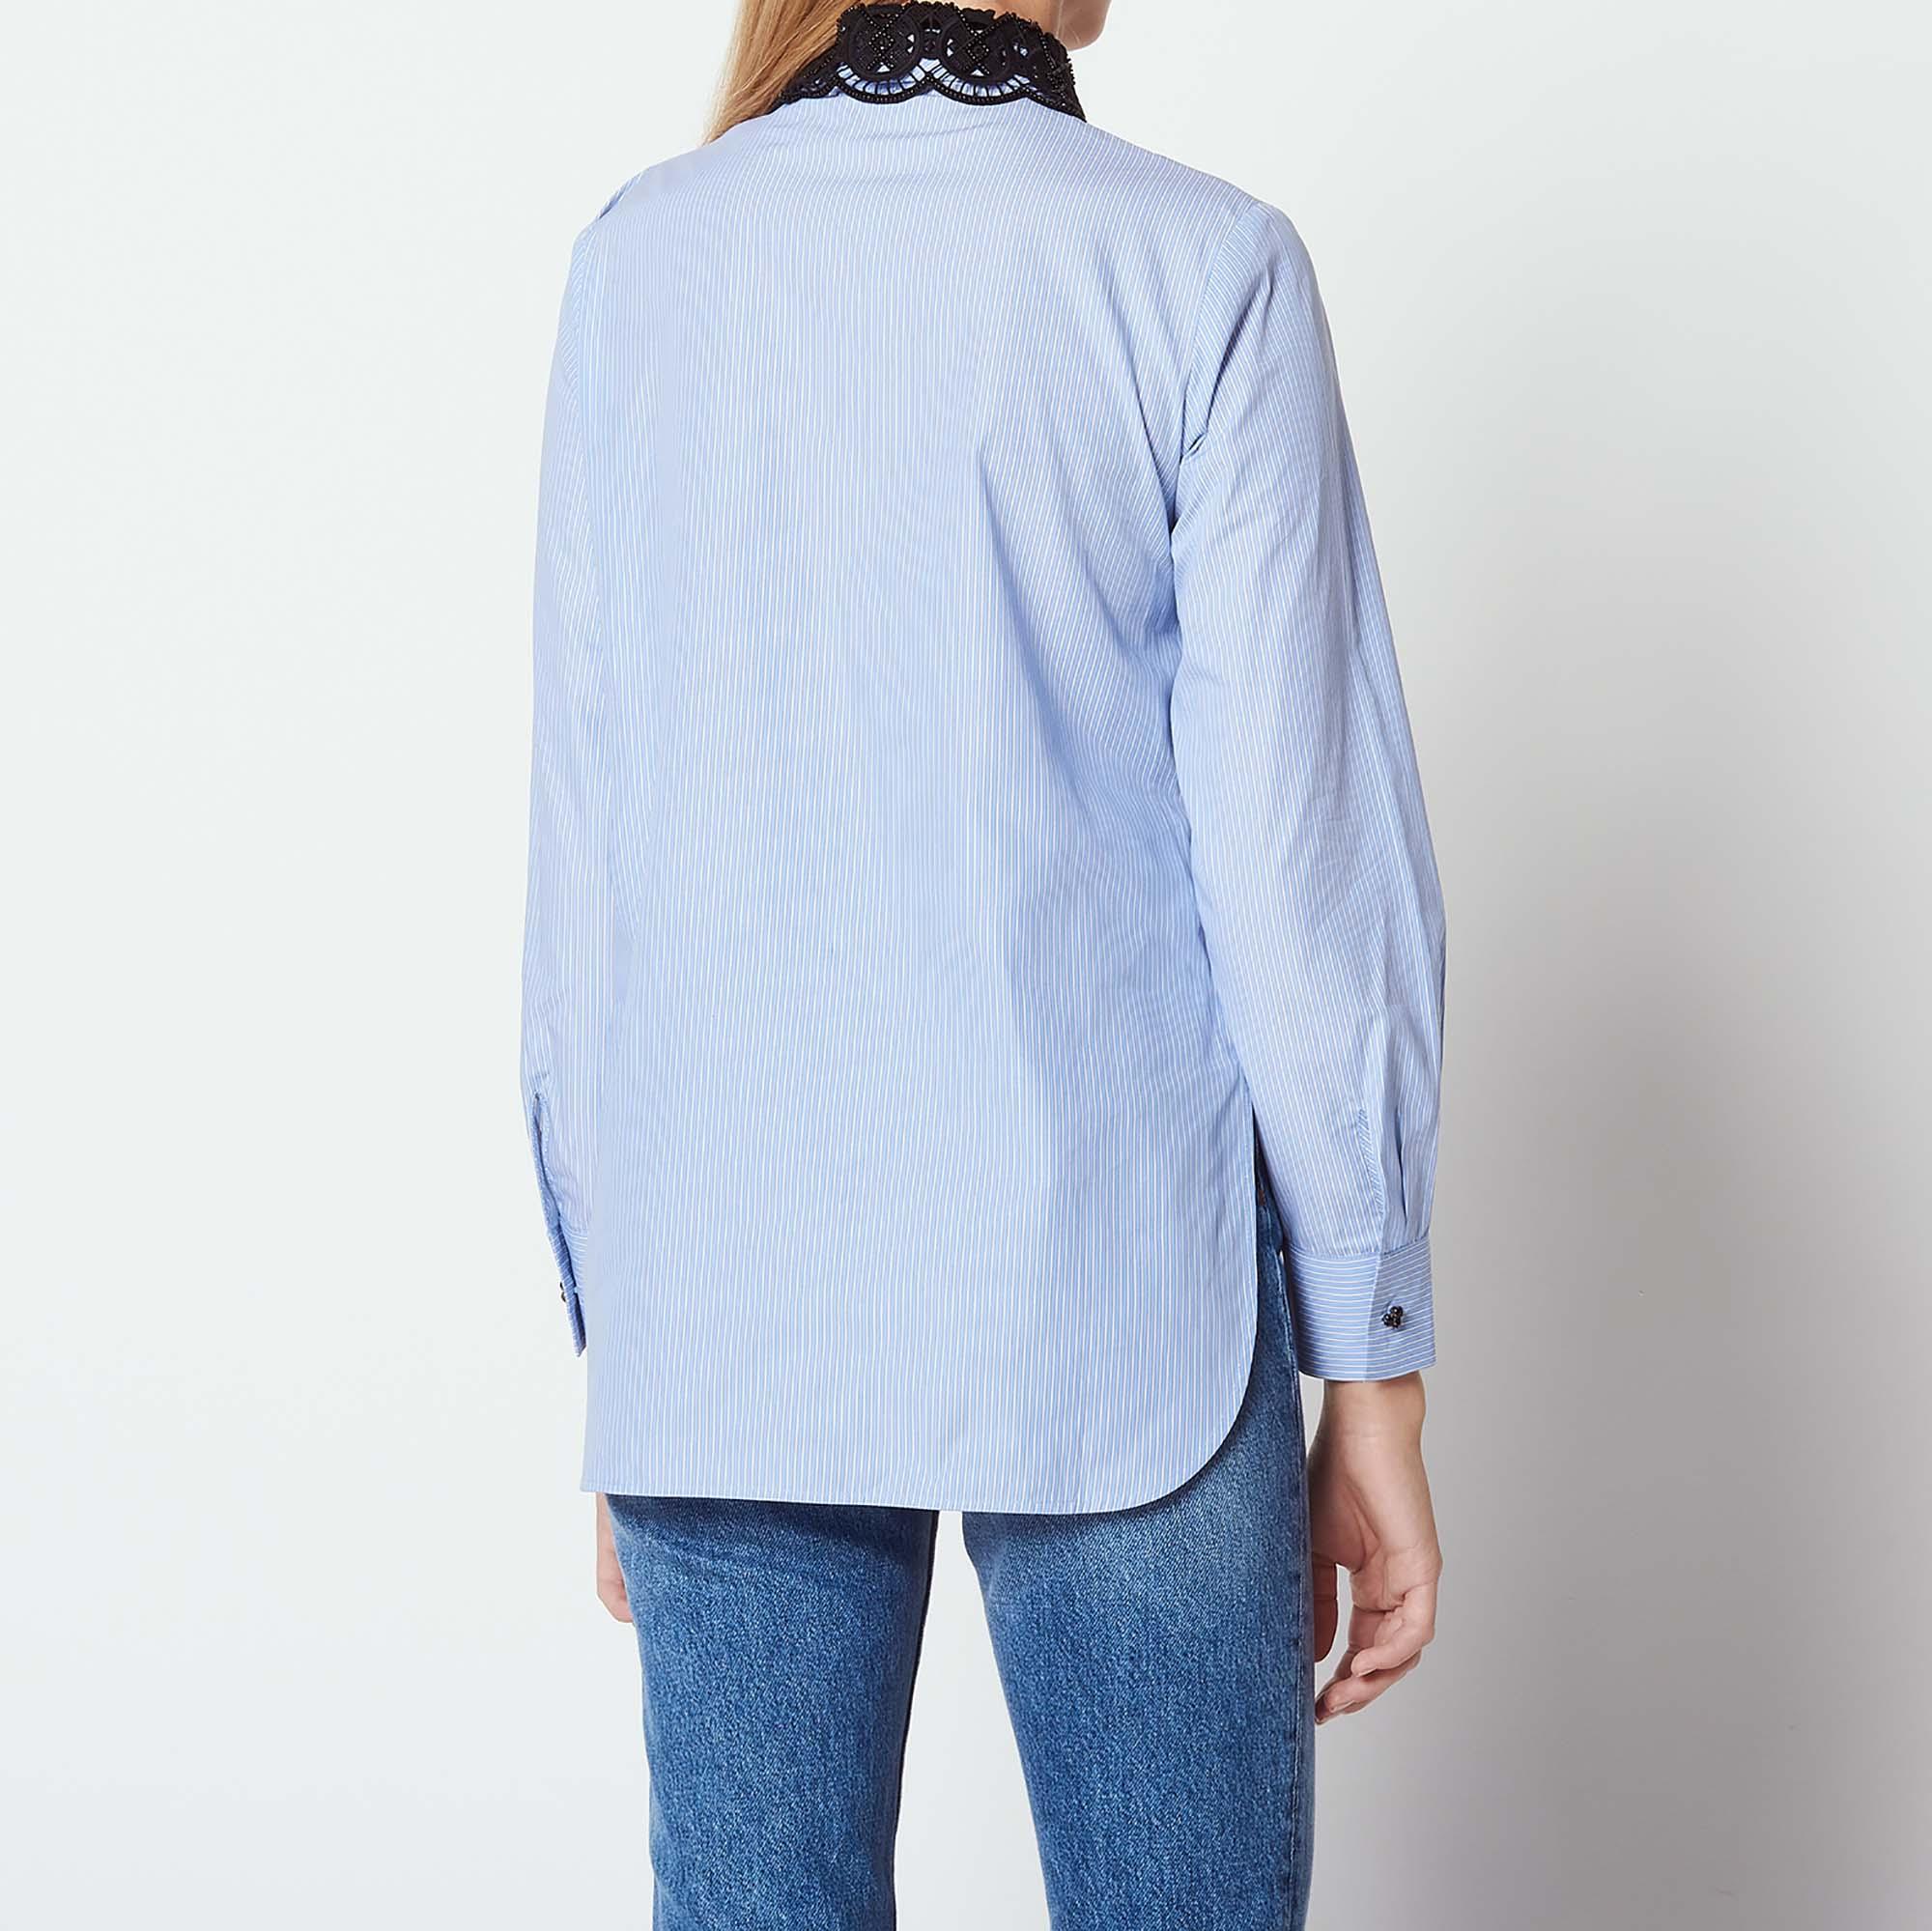 Shirt With Contrasting Peter Pan Collar Tops Shirts Sandro Paris